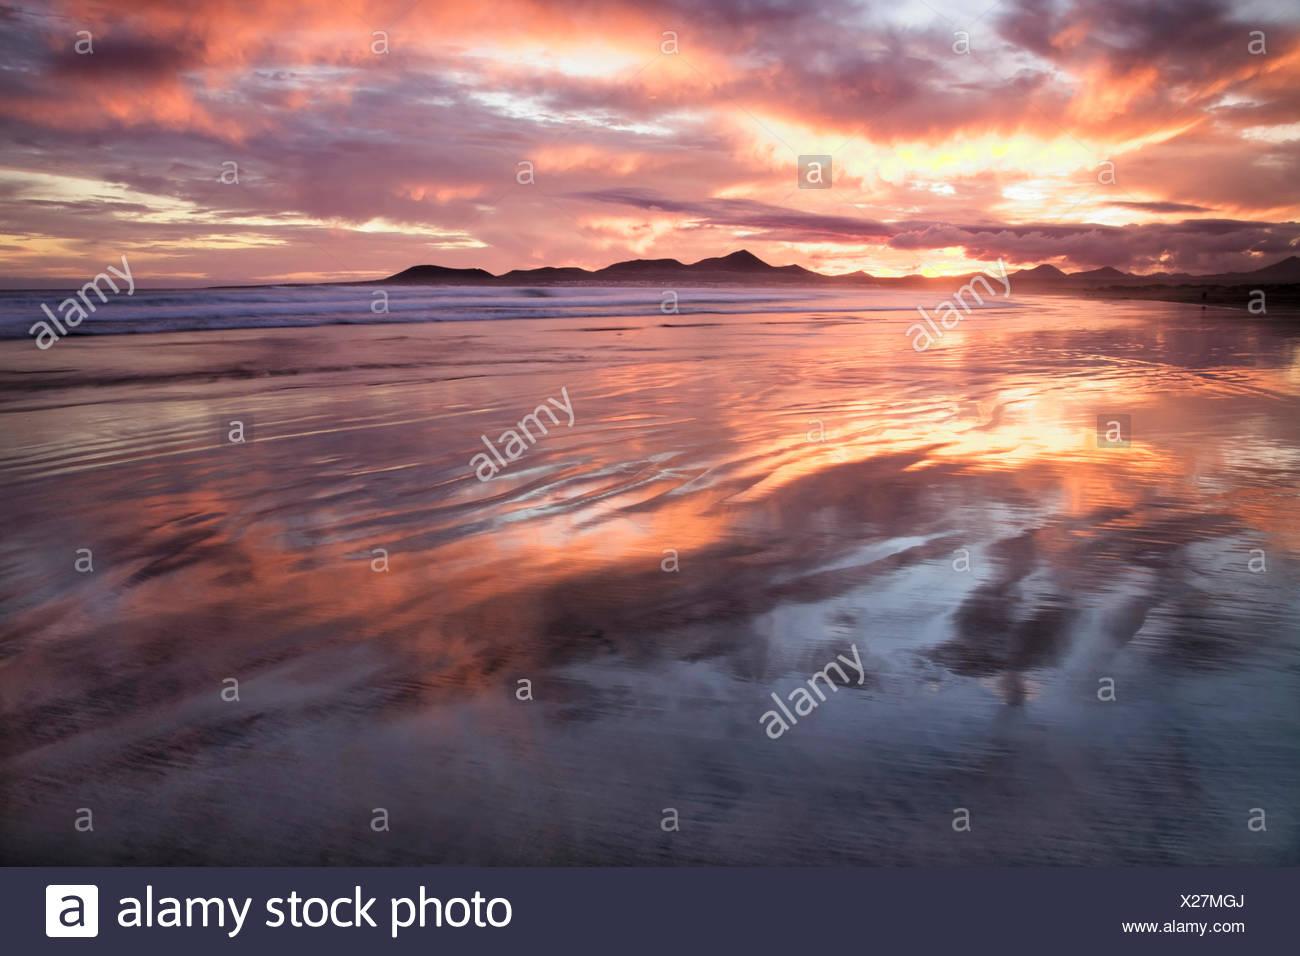 Sonnenuntergang reflektieren über Strand von Famara, Lanzarote, Kanarische Inseln, Spanien, Europa Stockfoto